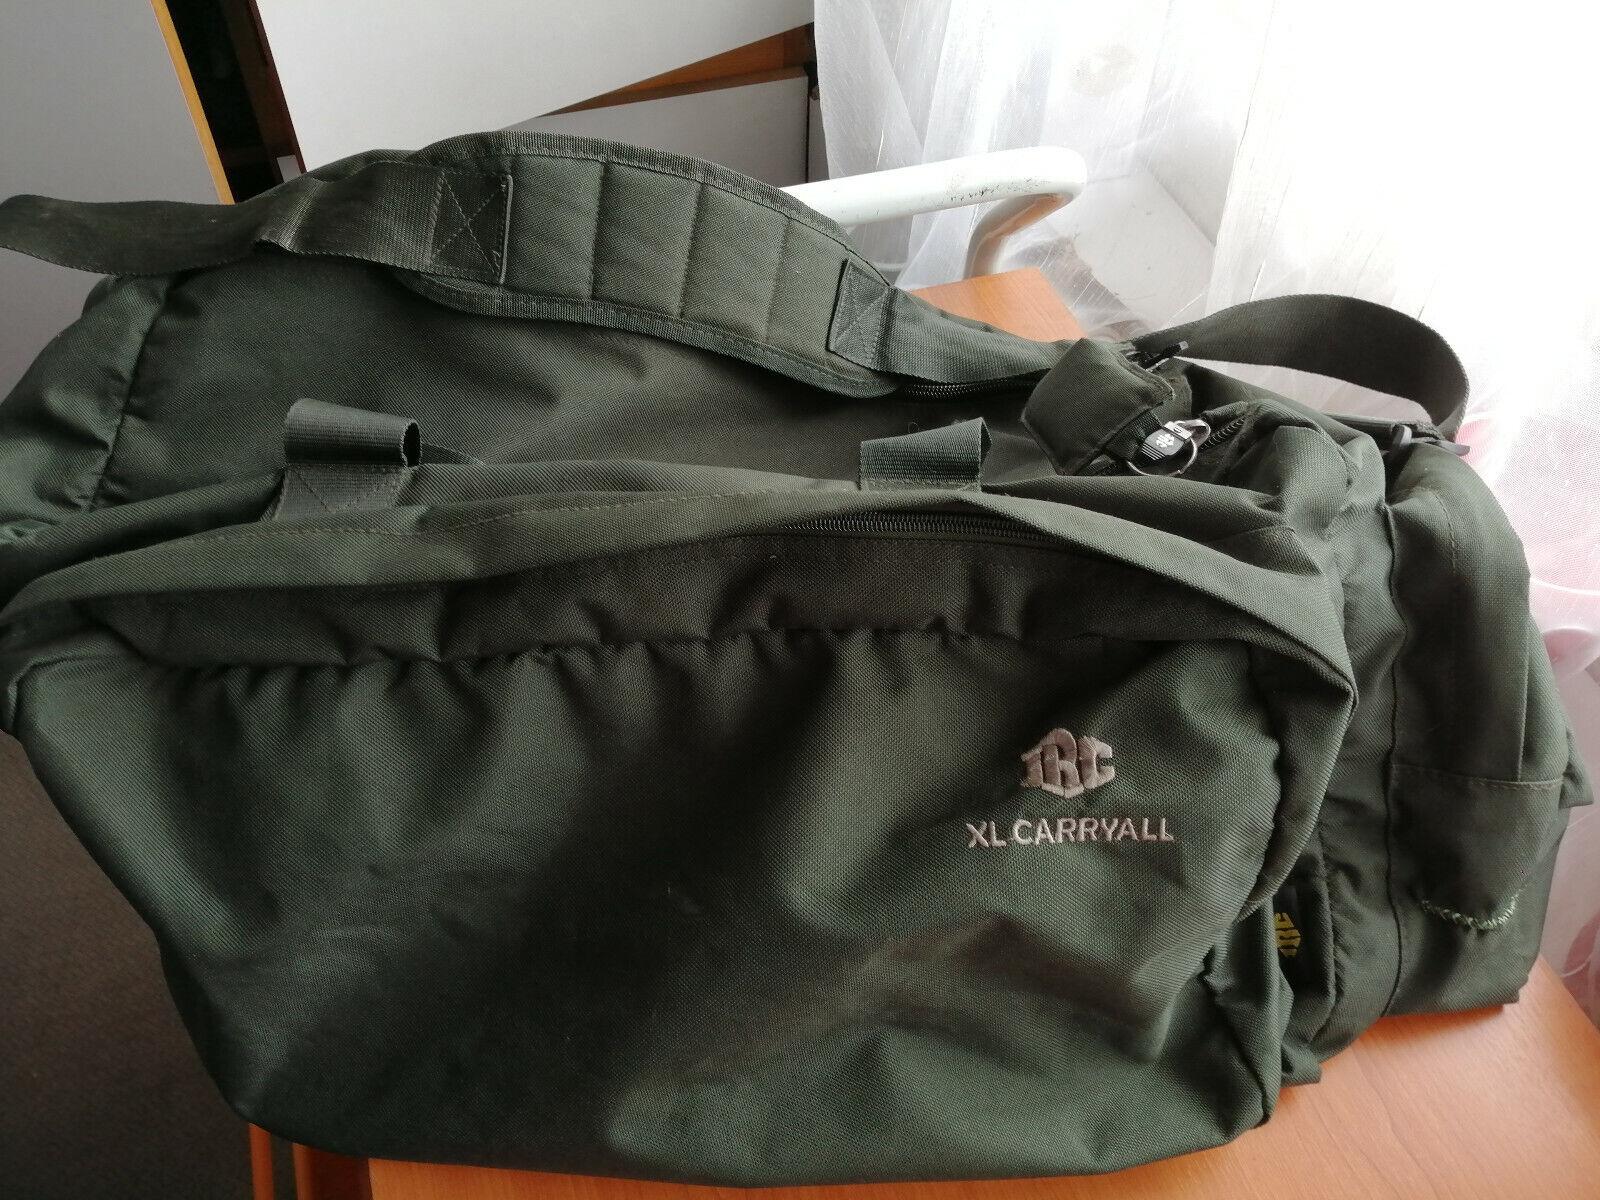 JRC XL Carryall Angeltasche Karpfentasche 80x32x32 cm 3 Außentaschen